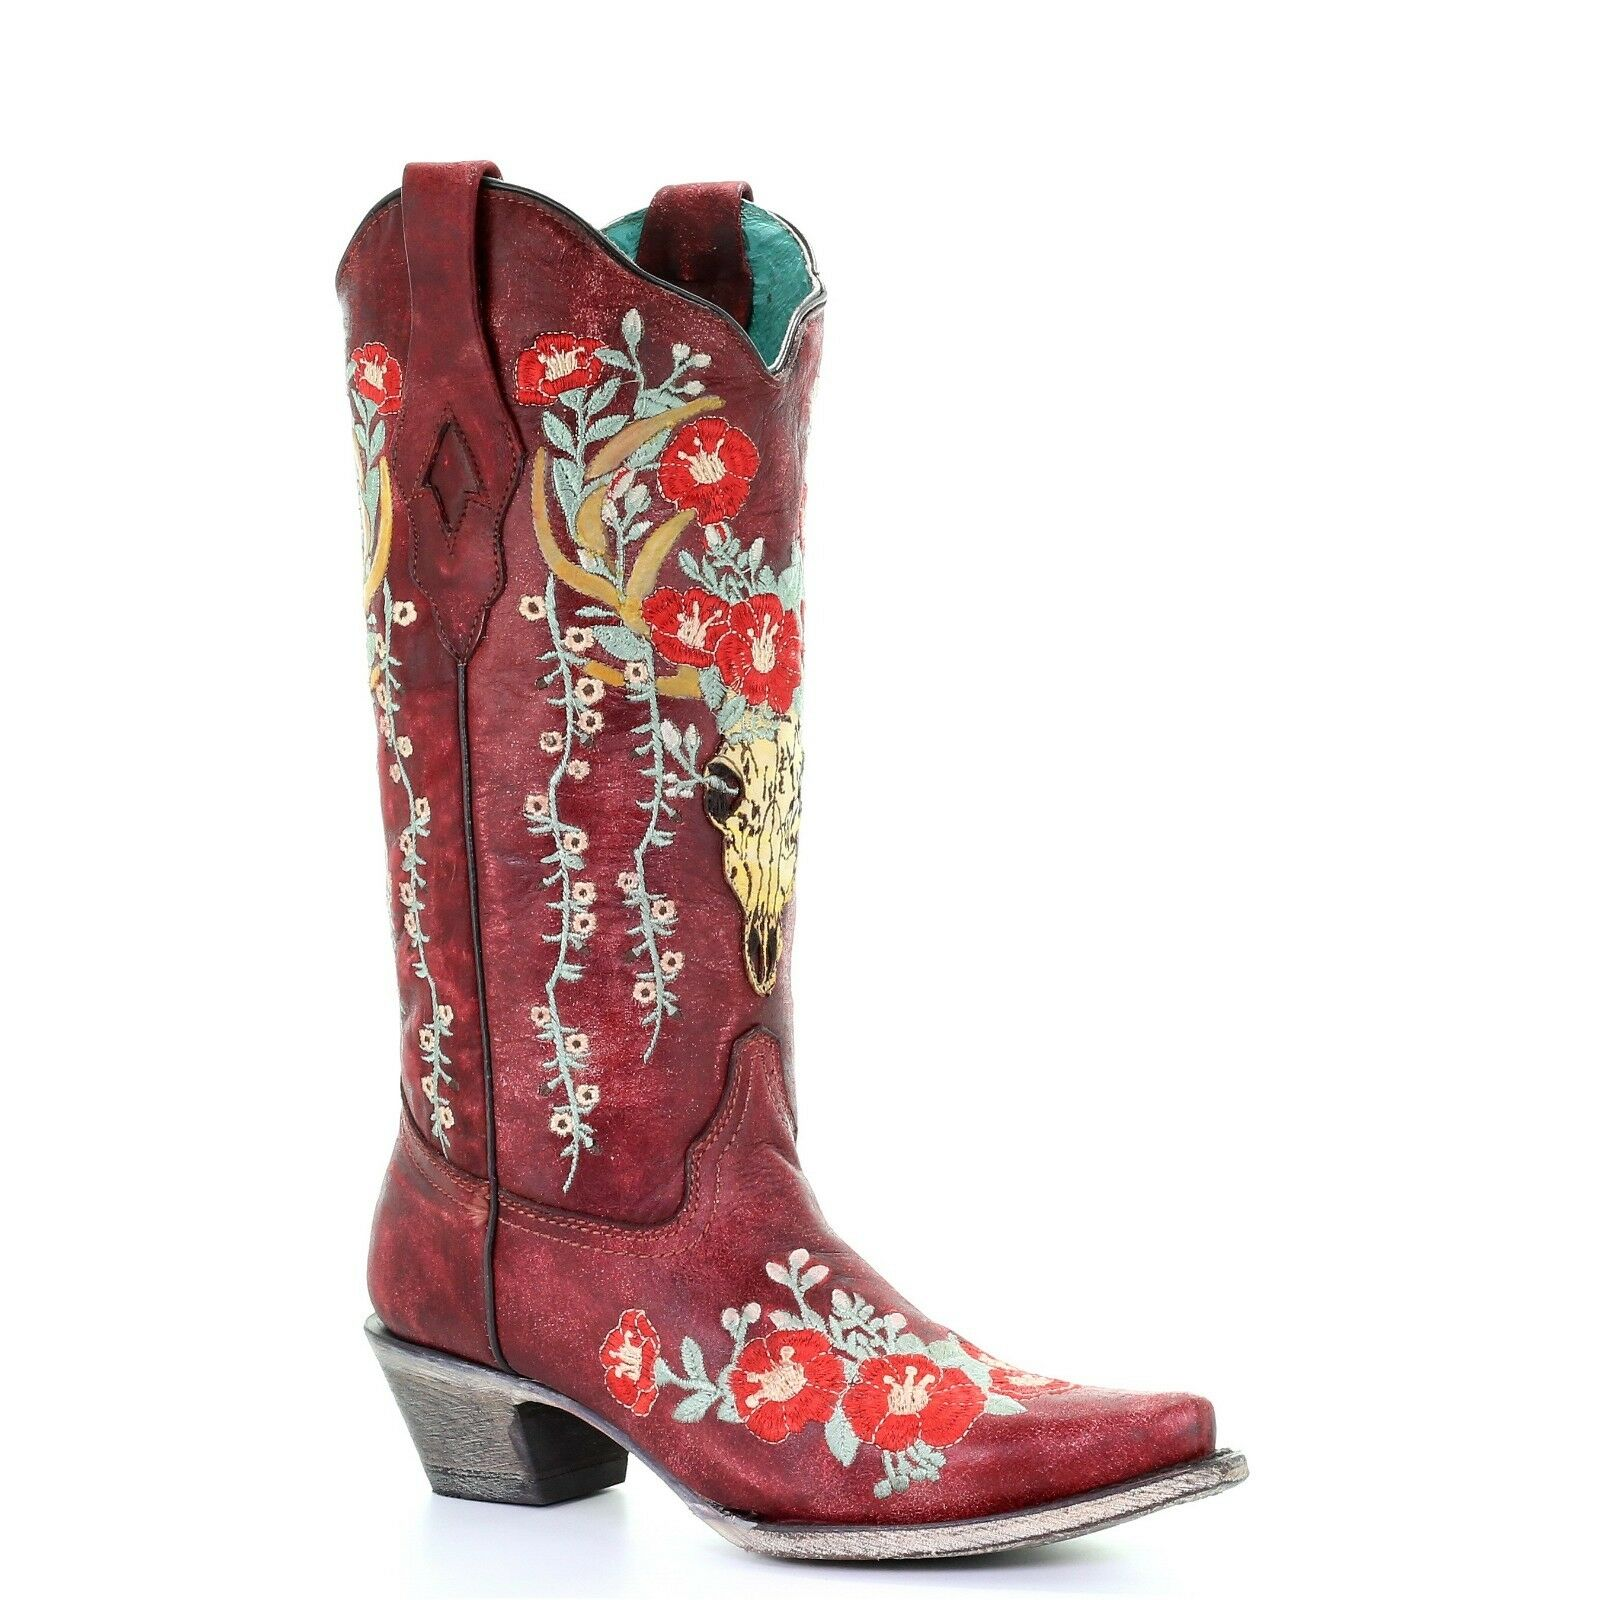 online al miglior prezzo Corral Corral Corral Ladies rosso Deer Skull Overlay & Floral Embroidery stivali A3712  con il 100% di qualità e il 100% di servizio